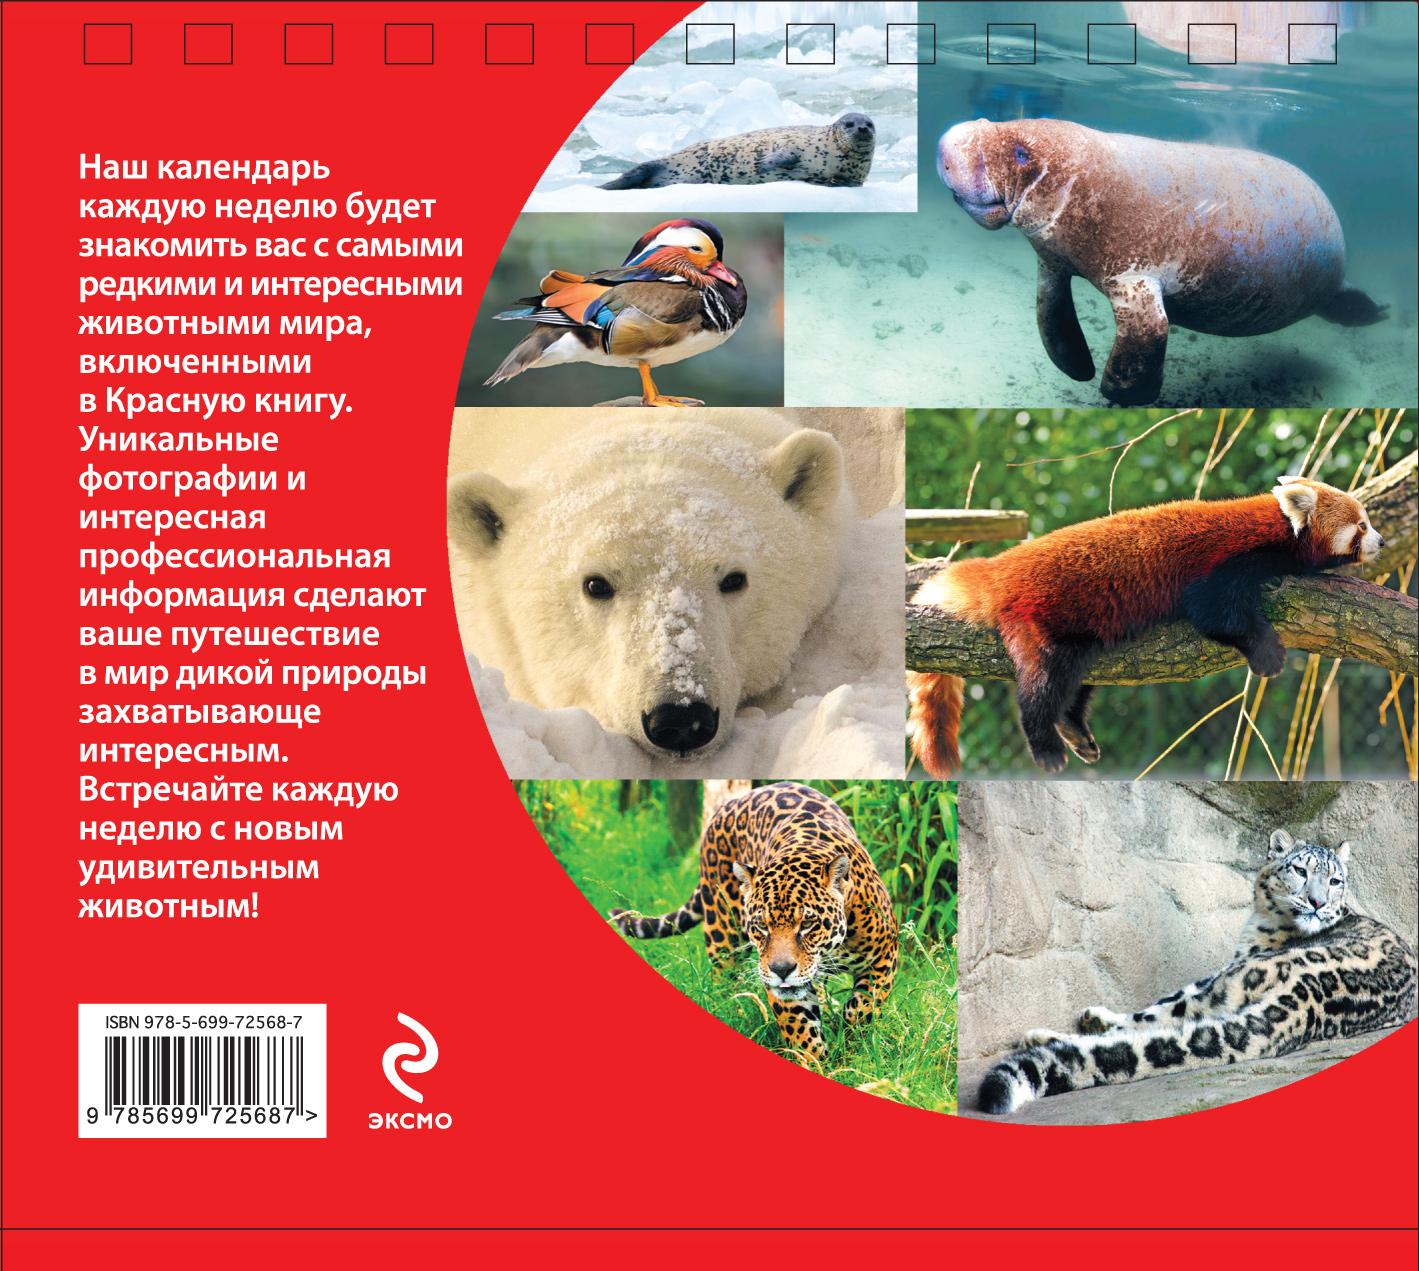 Редкие животные. Красная книга. Еженедельный календарь